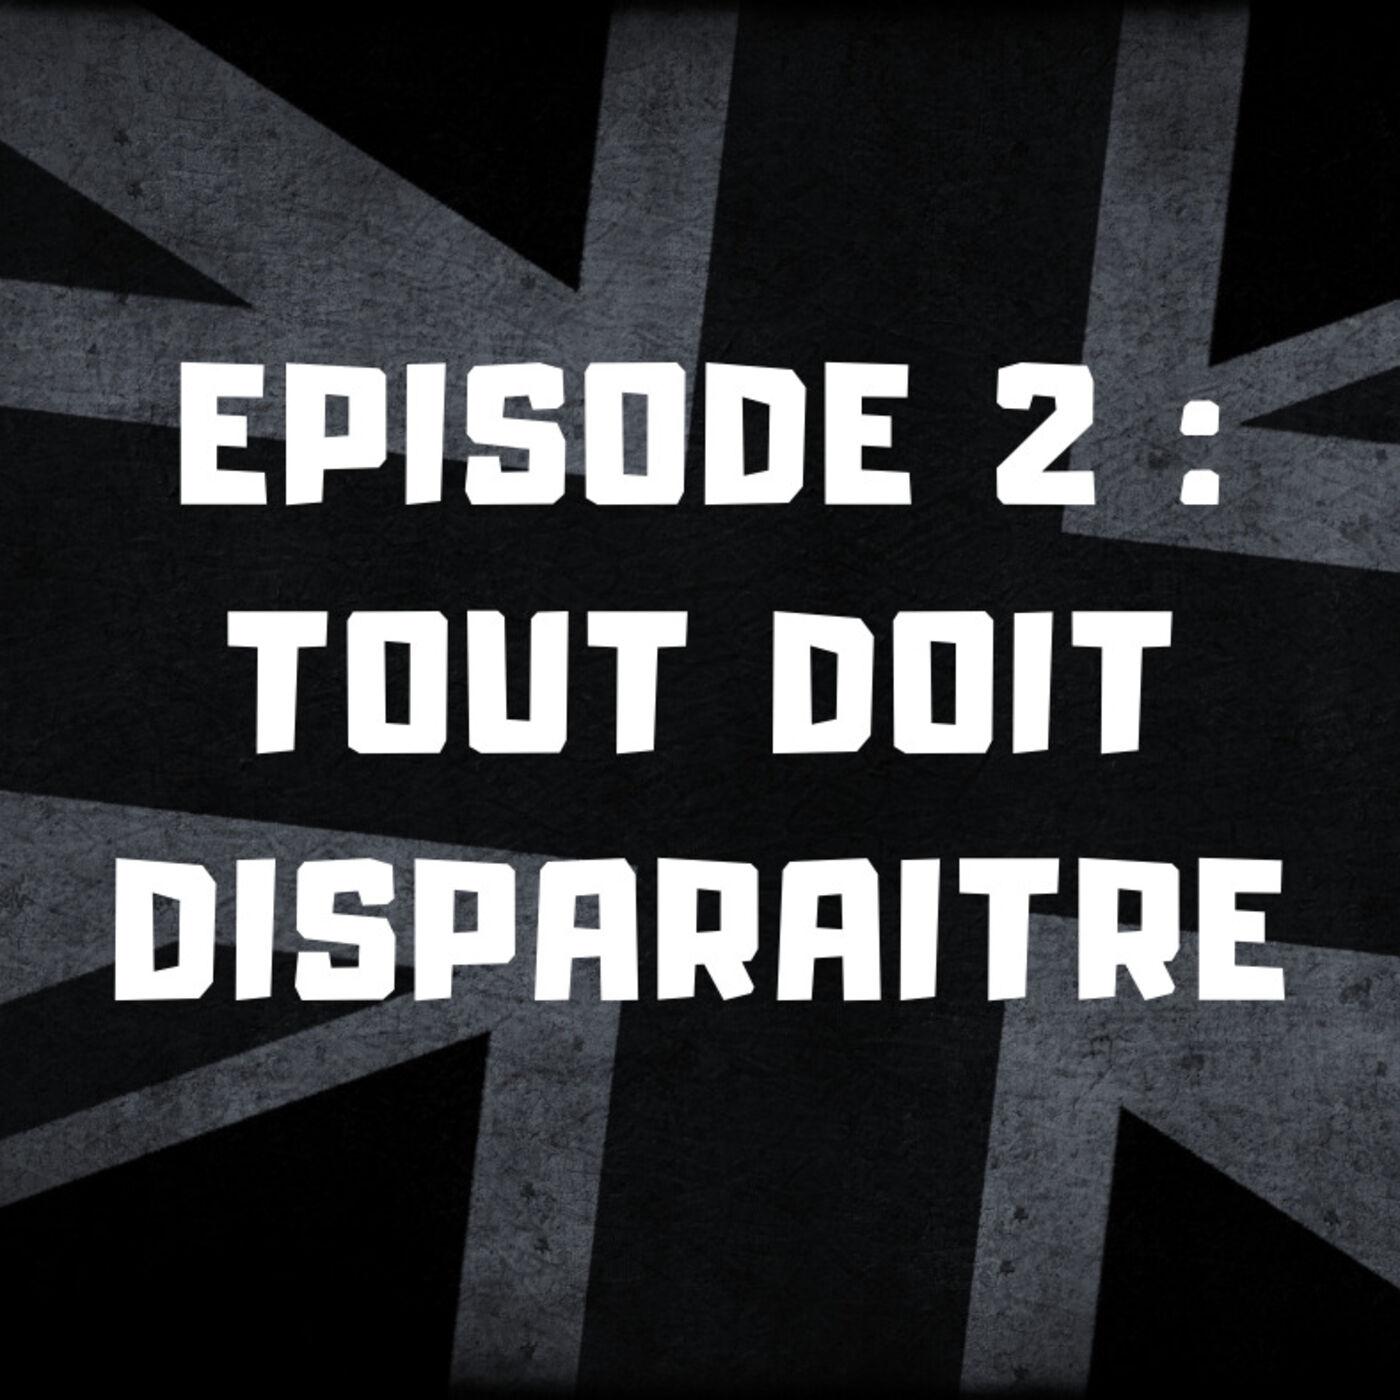 Episode 2 - Tout doit disparaitre